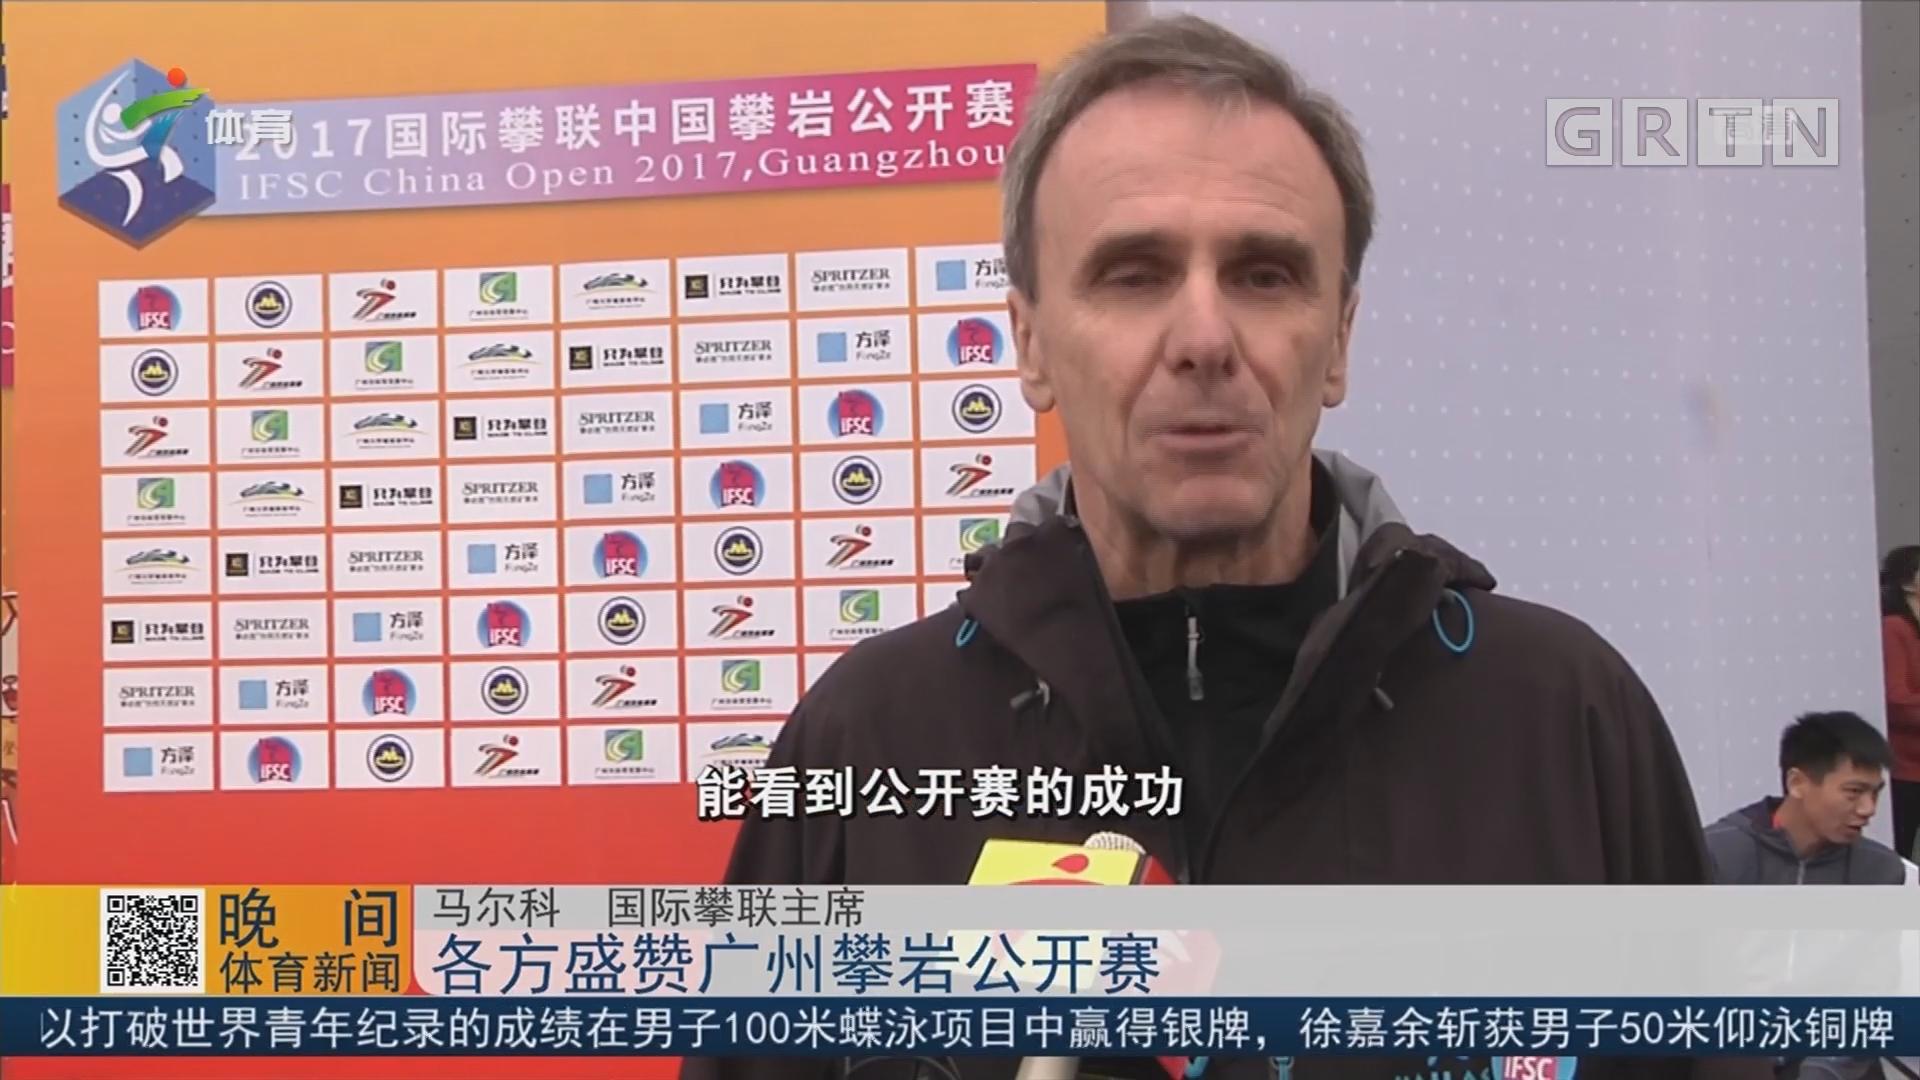 各方盛赞广州攀岩公开赛